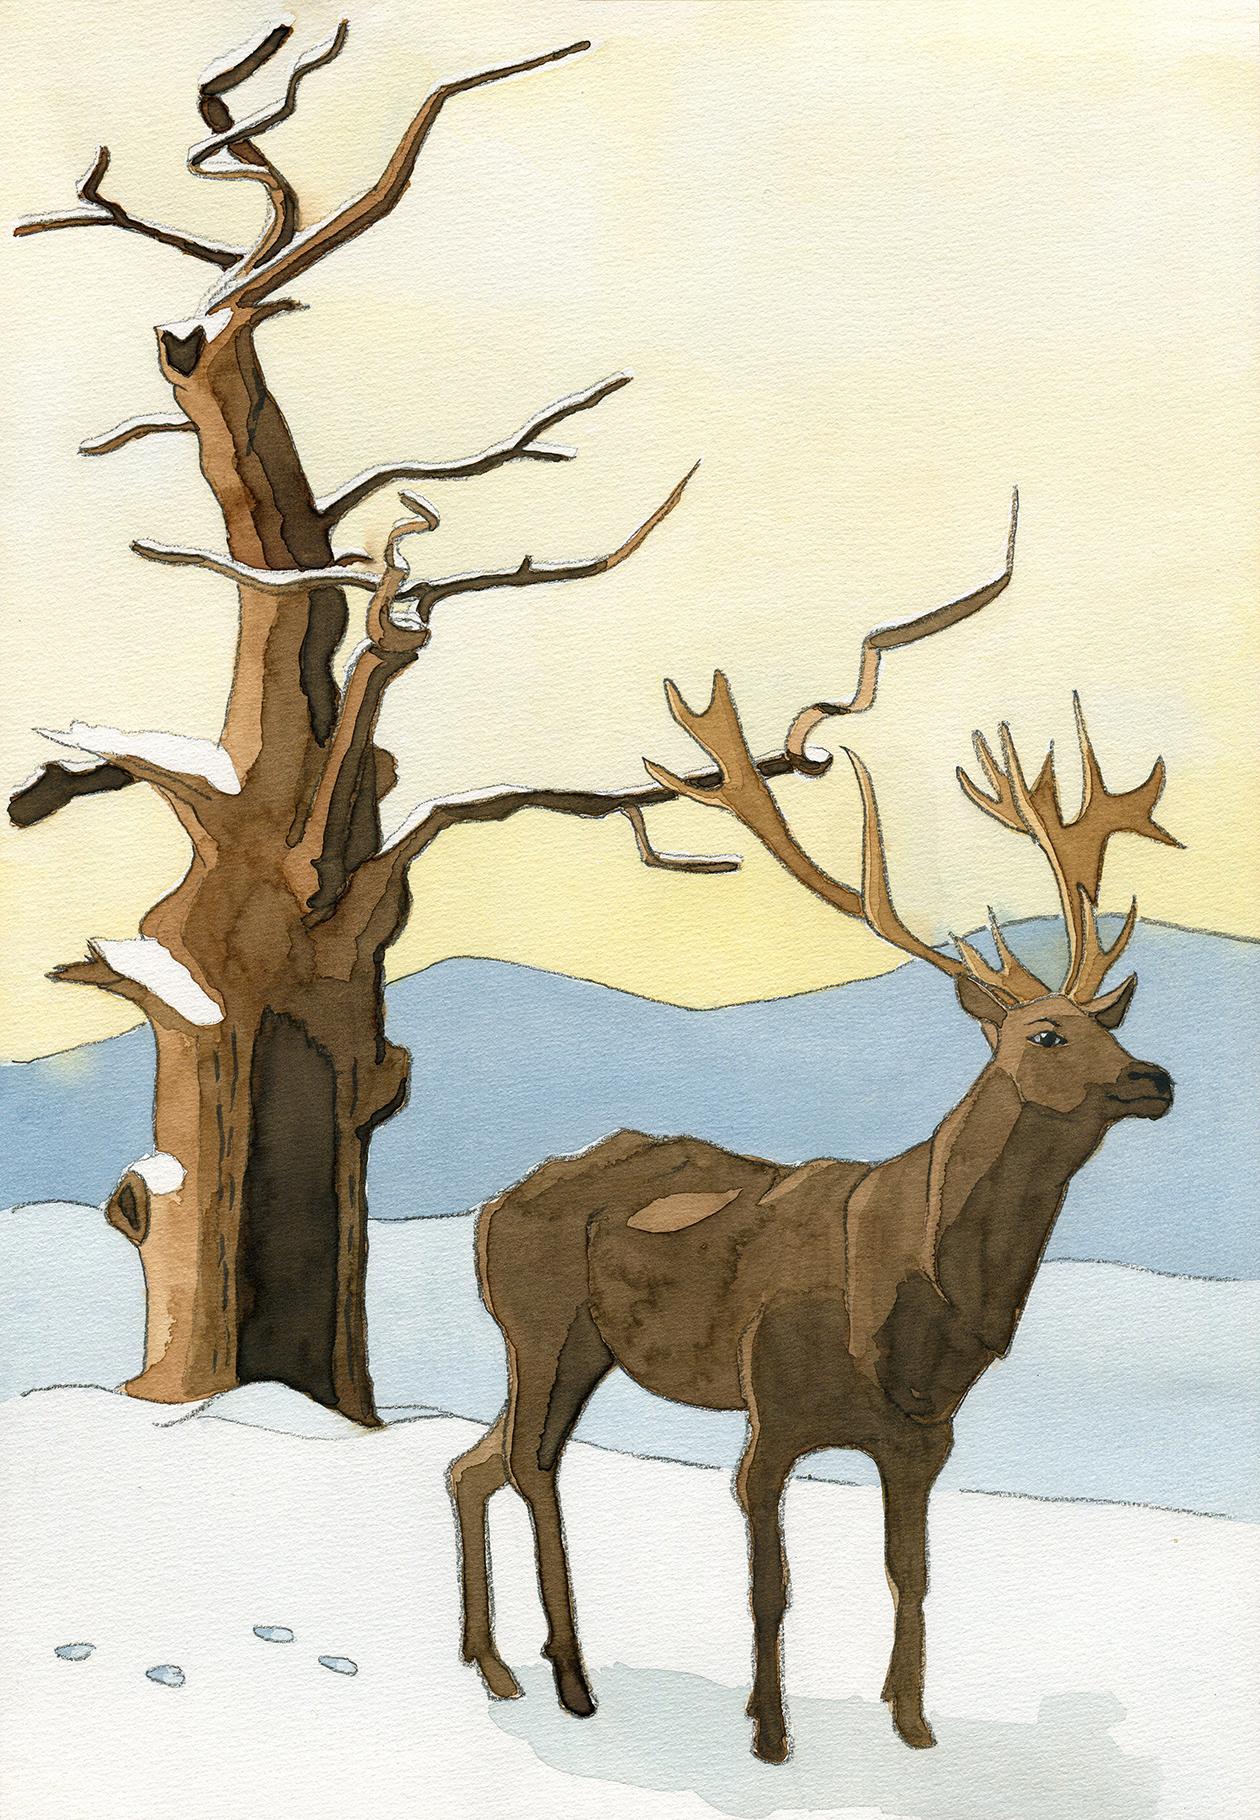 Hirsch vor altem Baum im Winter